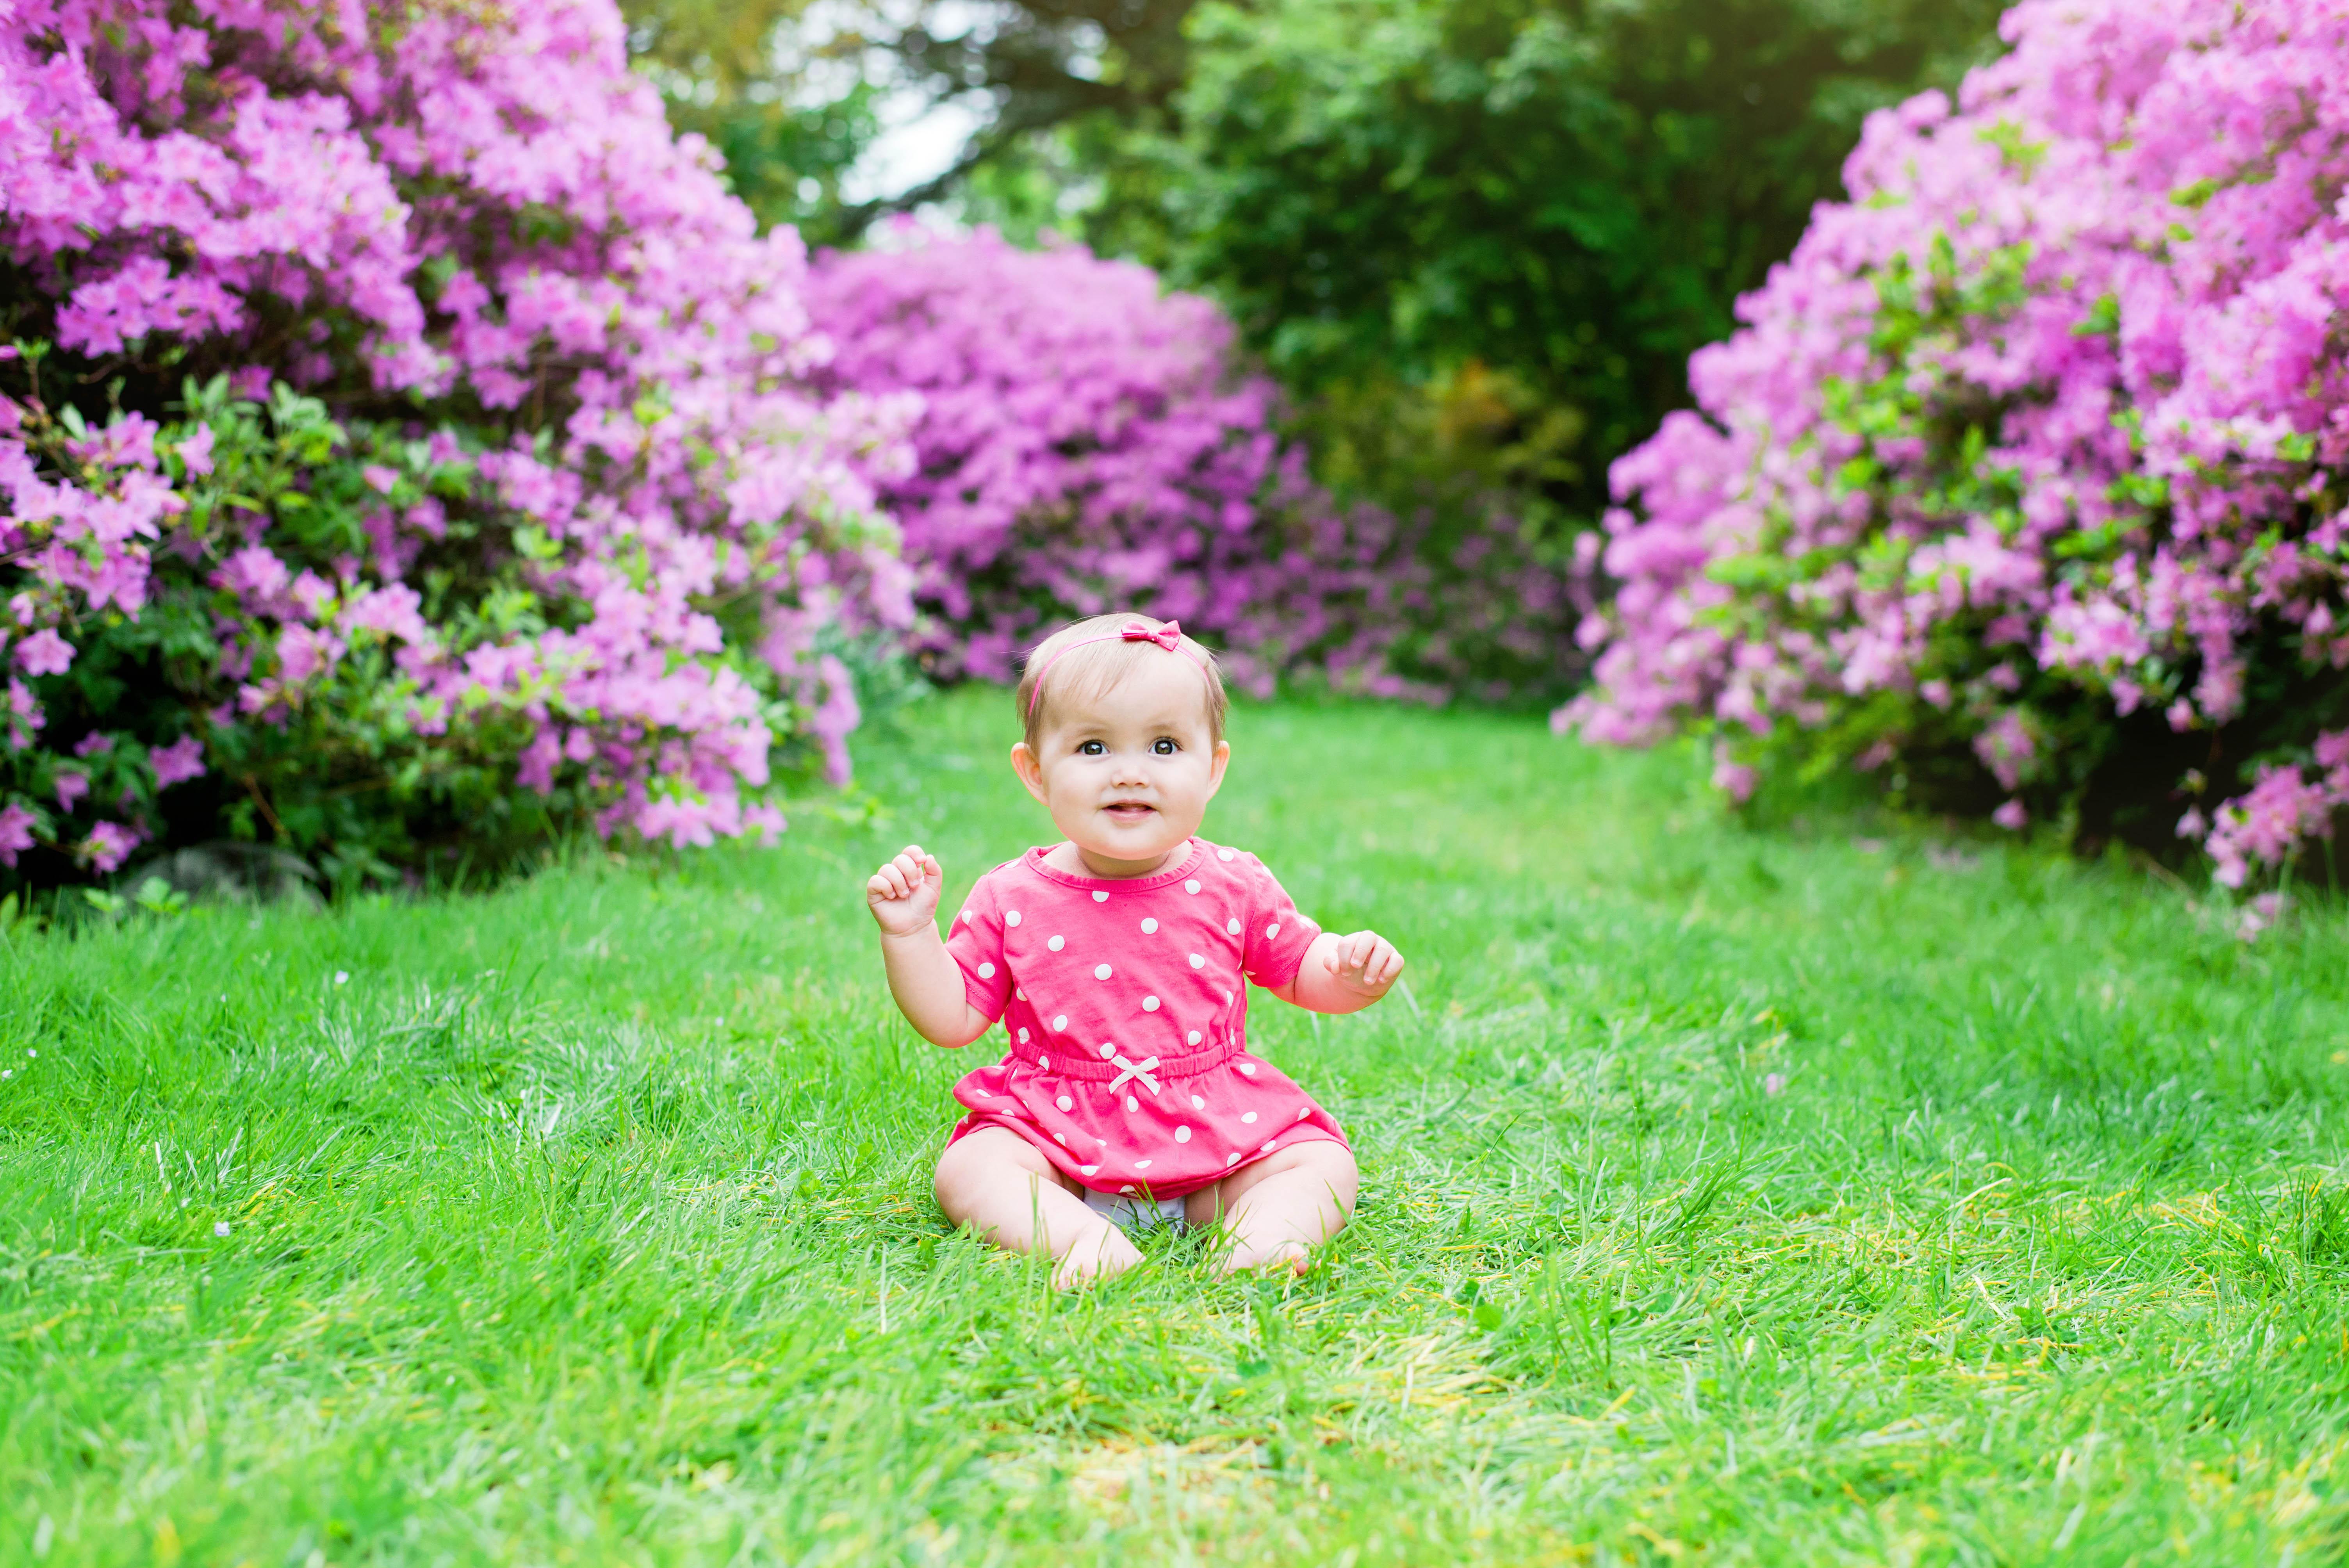 Family_Maternity_Pregnancy_ Reveal_Portrait_Session_Andrea_Krout_Photography_Morris_Arboretum-2